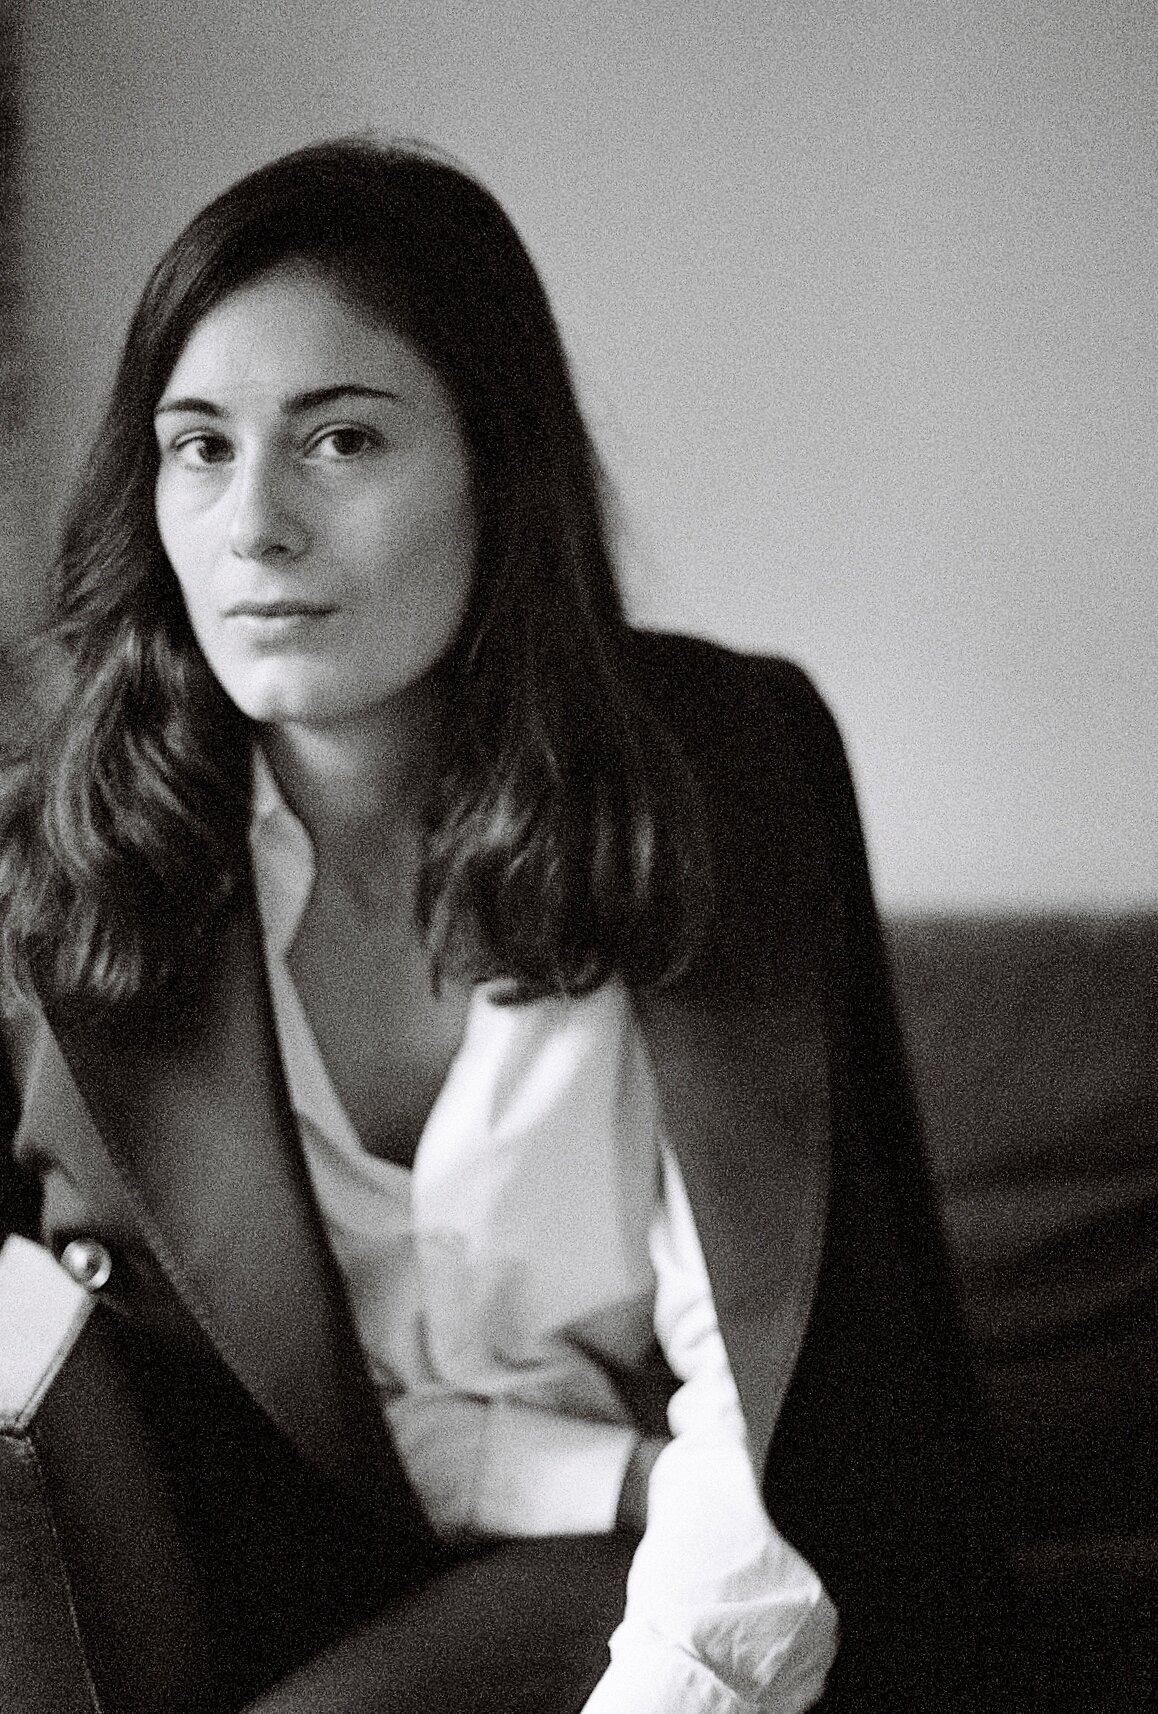 Zara-Kjellner_fotograf-Astrid-Grelz.jpg